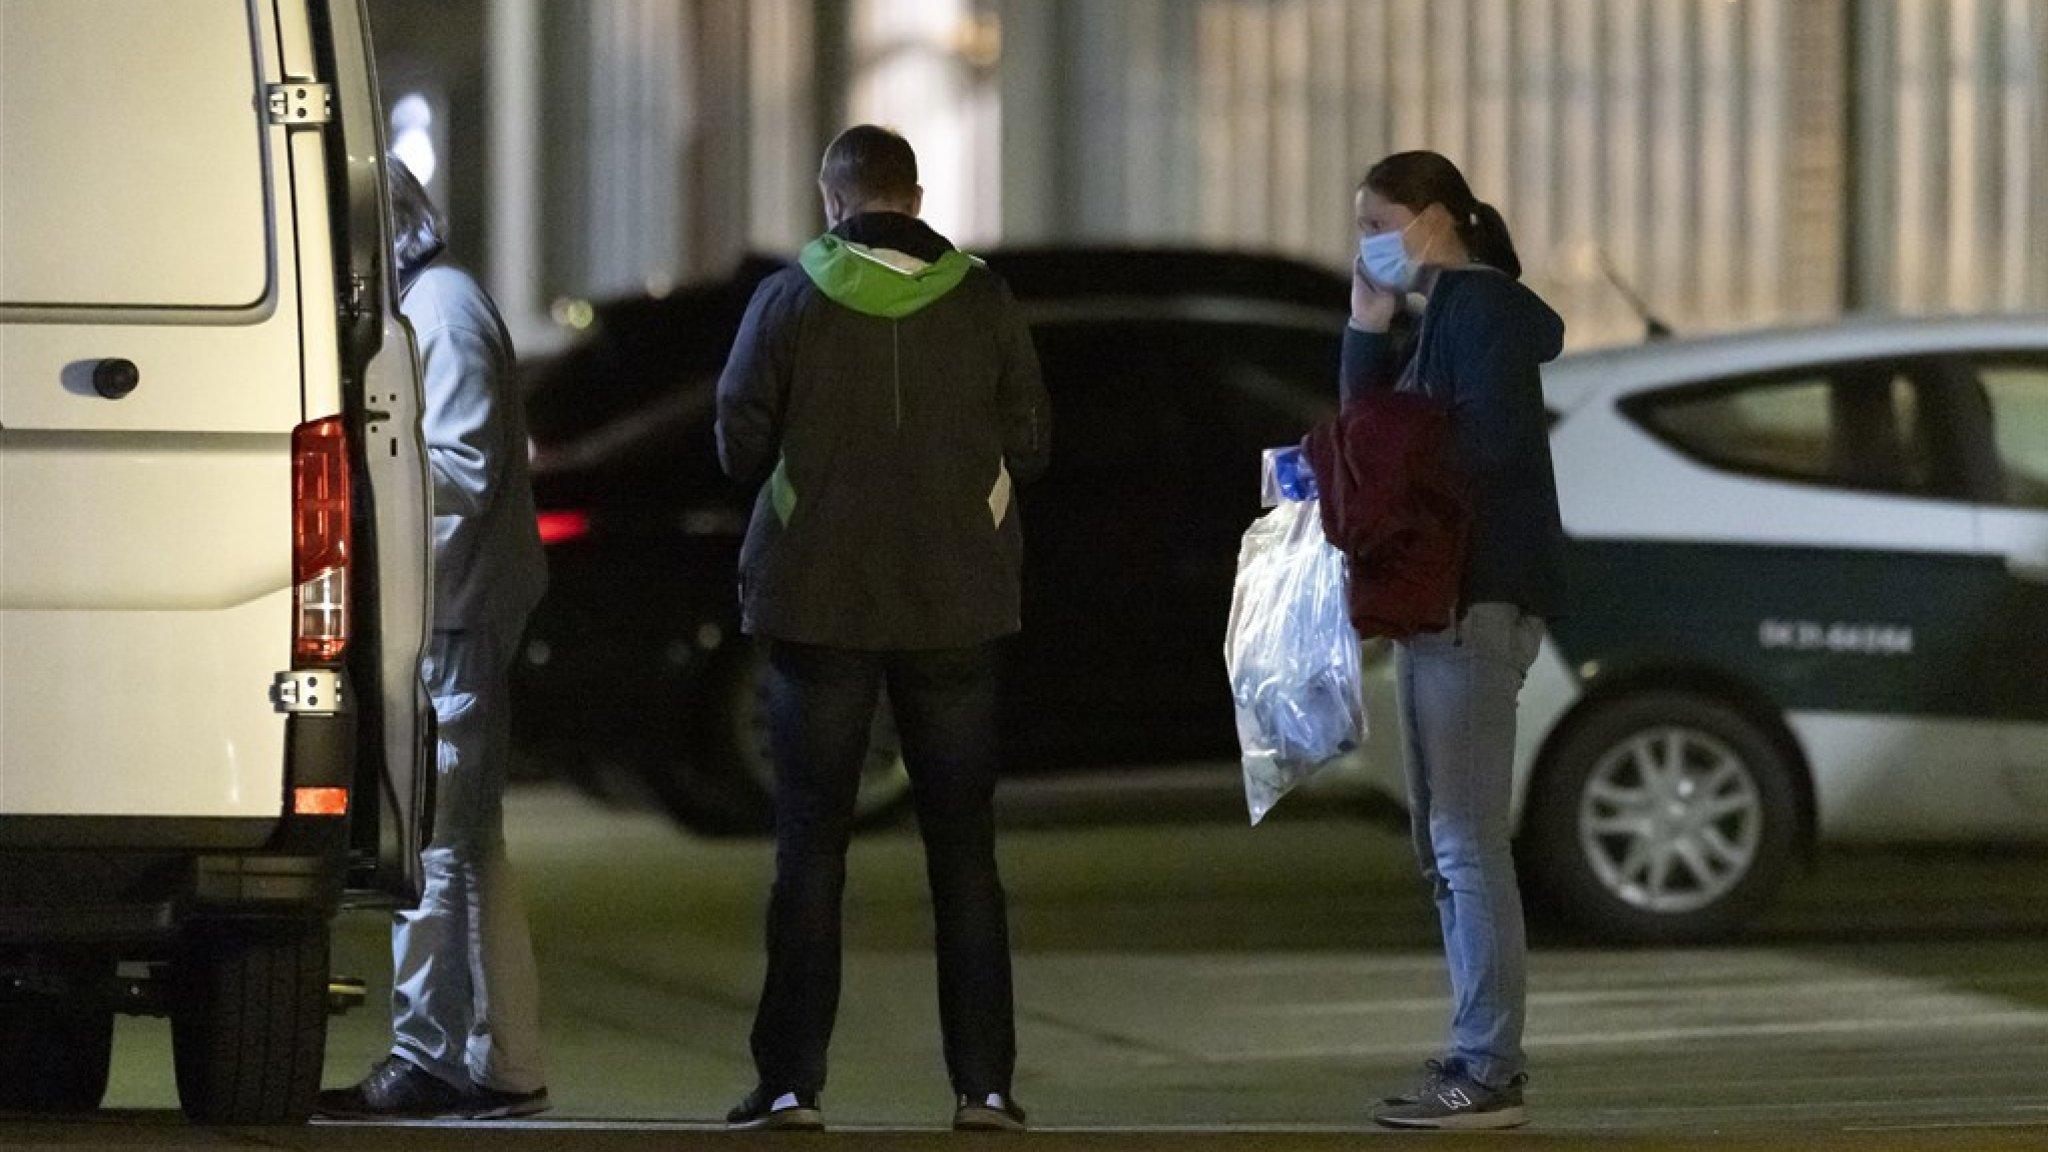 Aanhouding na reeks bombrieven in Duitsland - RTL Nieuws